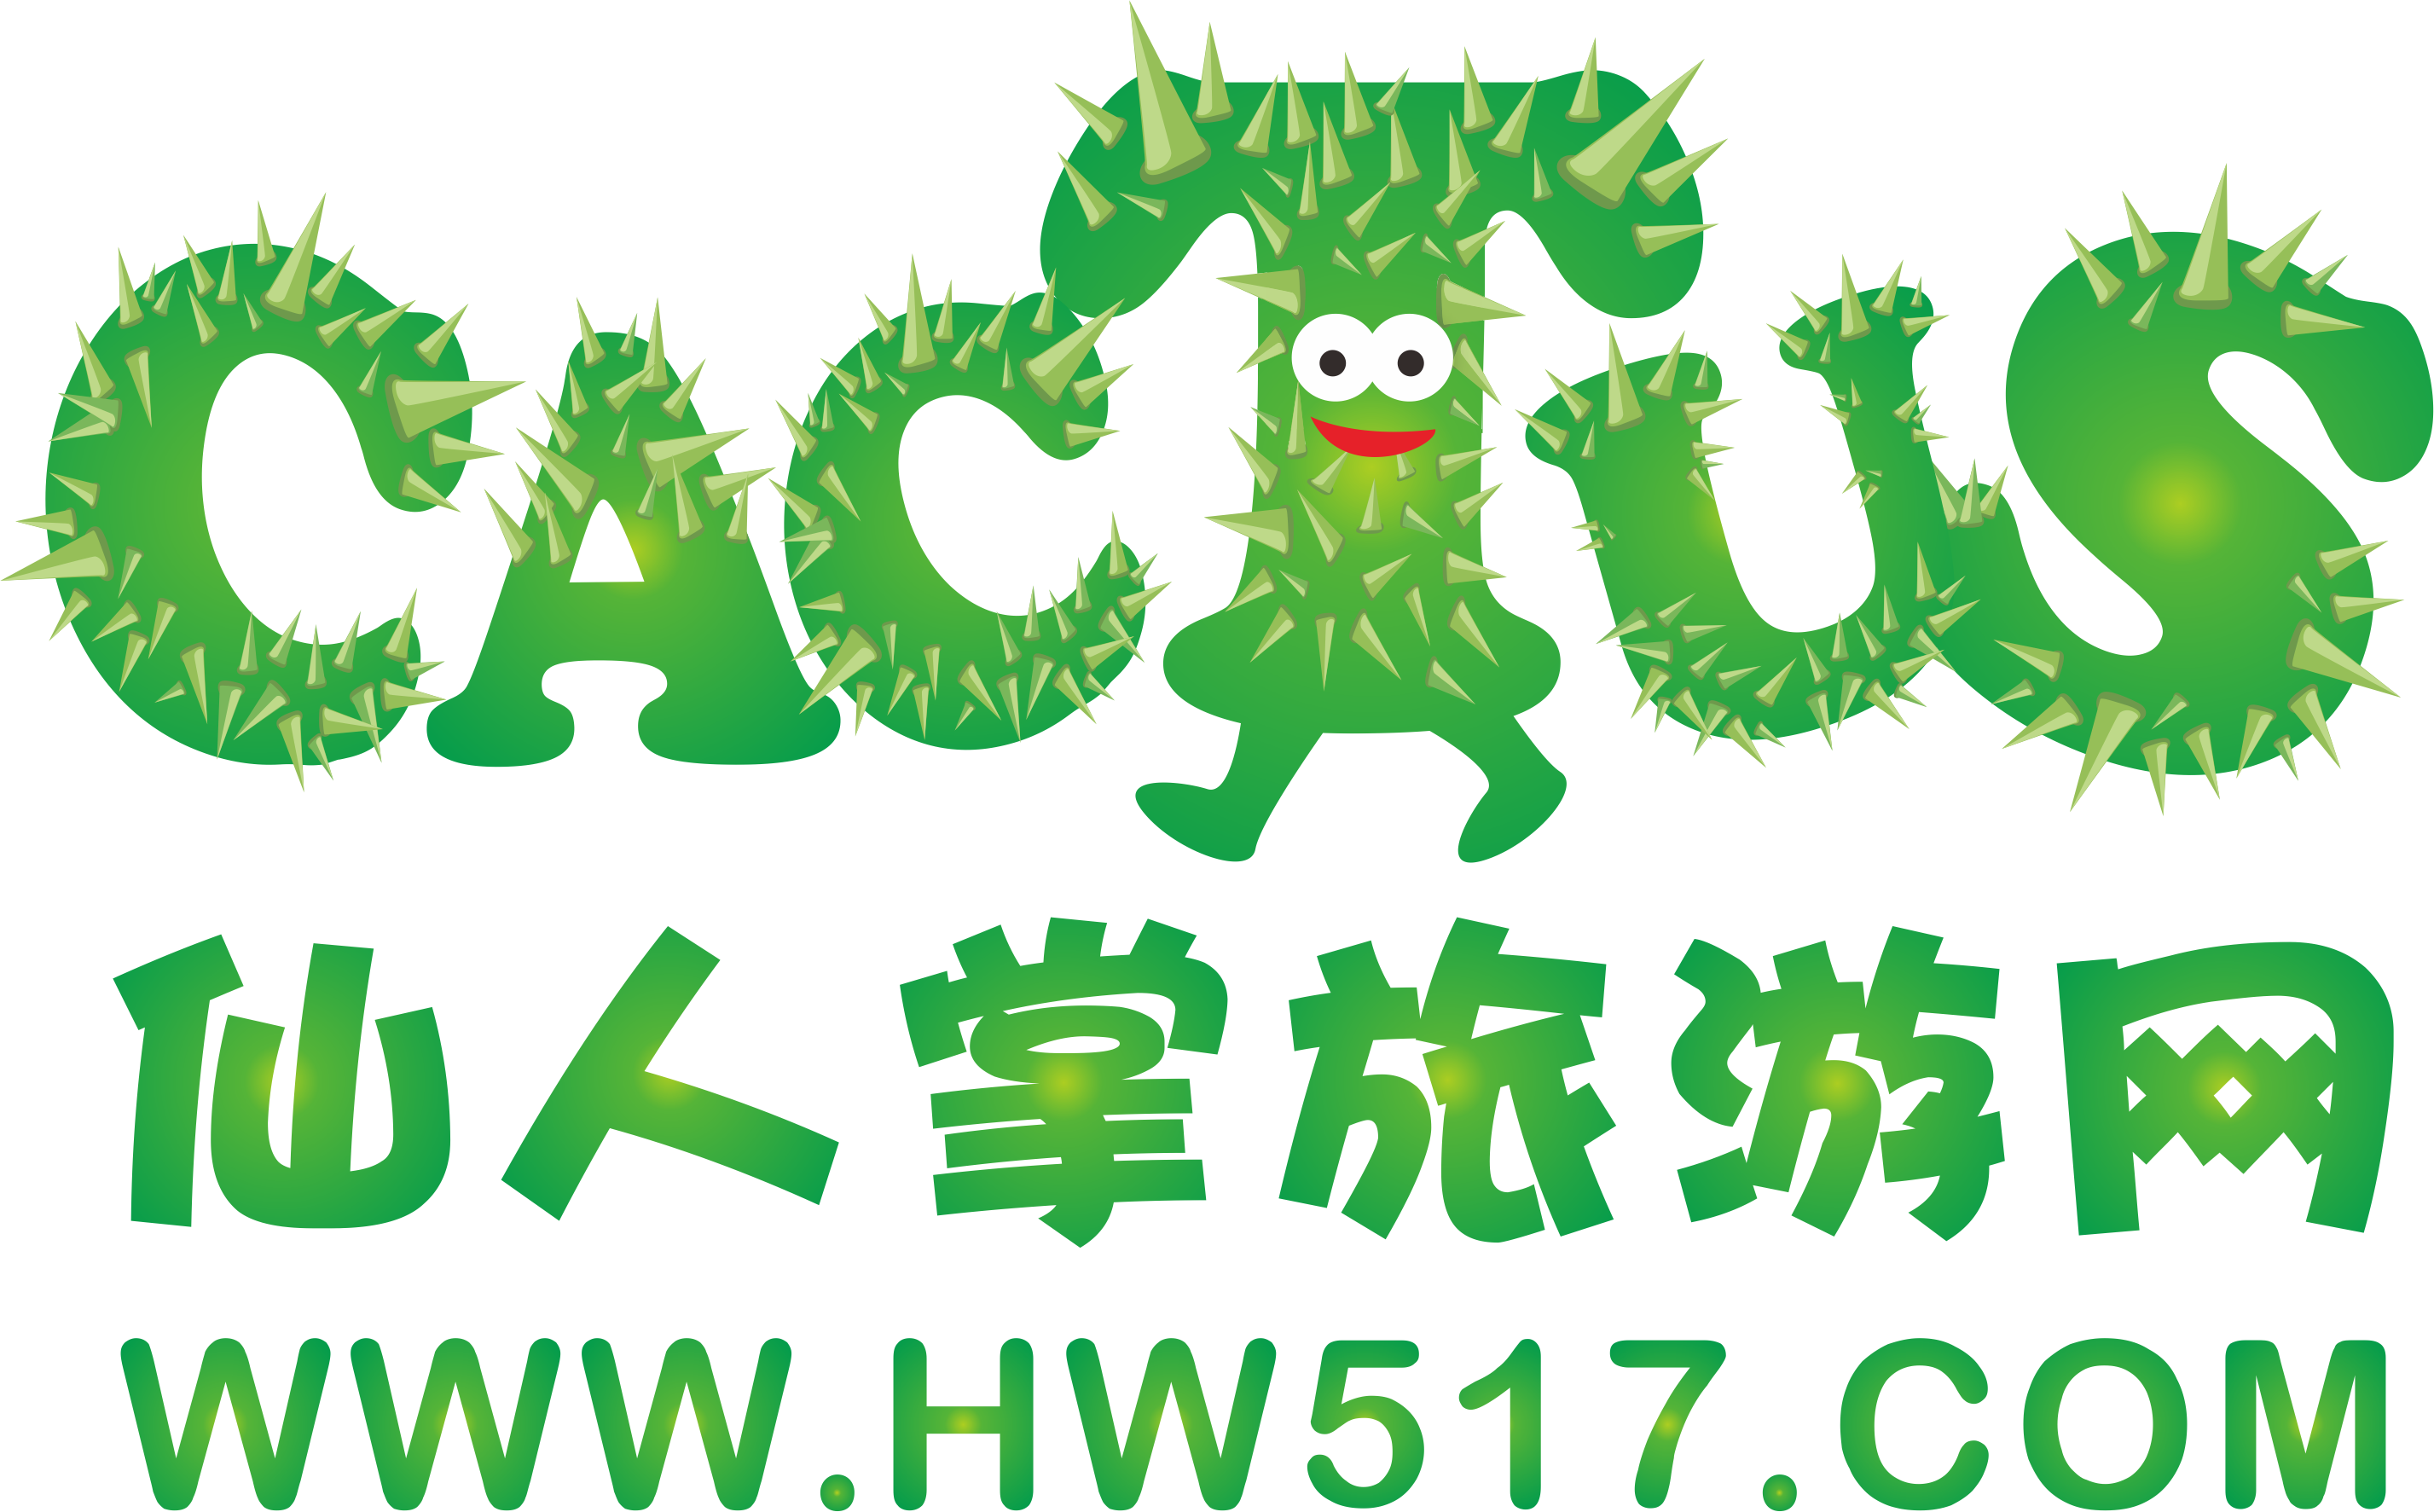 【新春·惠品】深圳、珠海长隆海洋王国、长隆野生动物园一飞一动